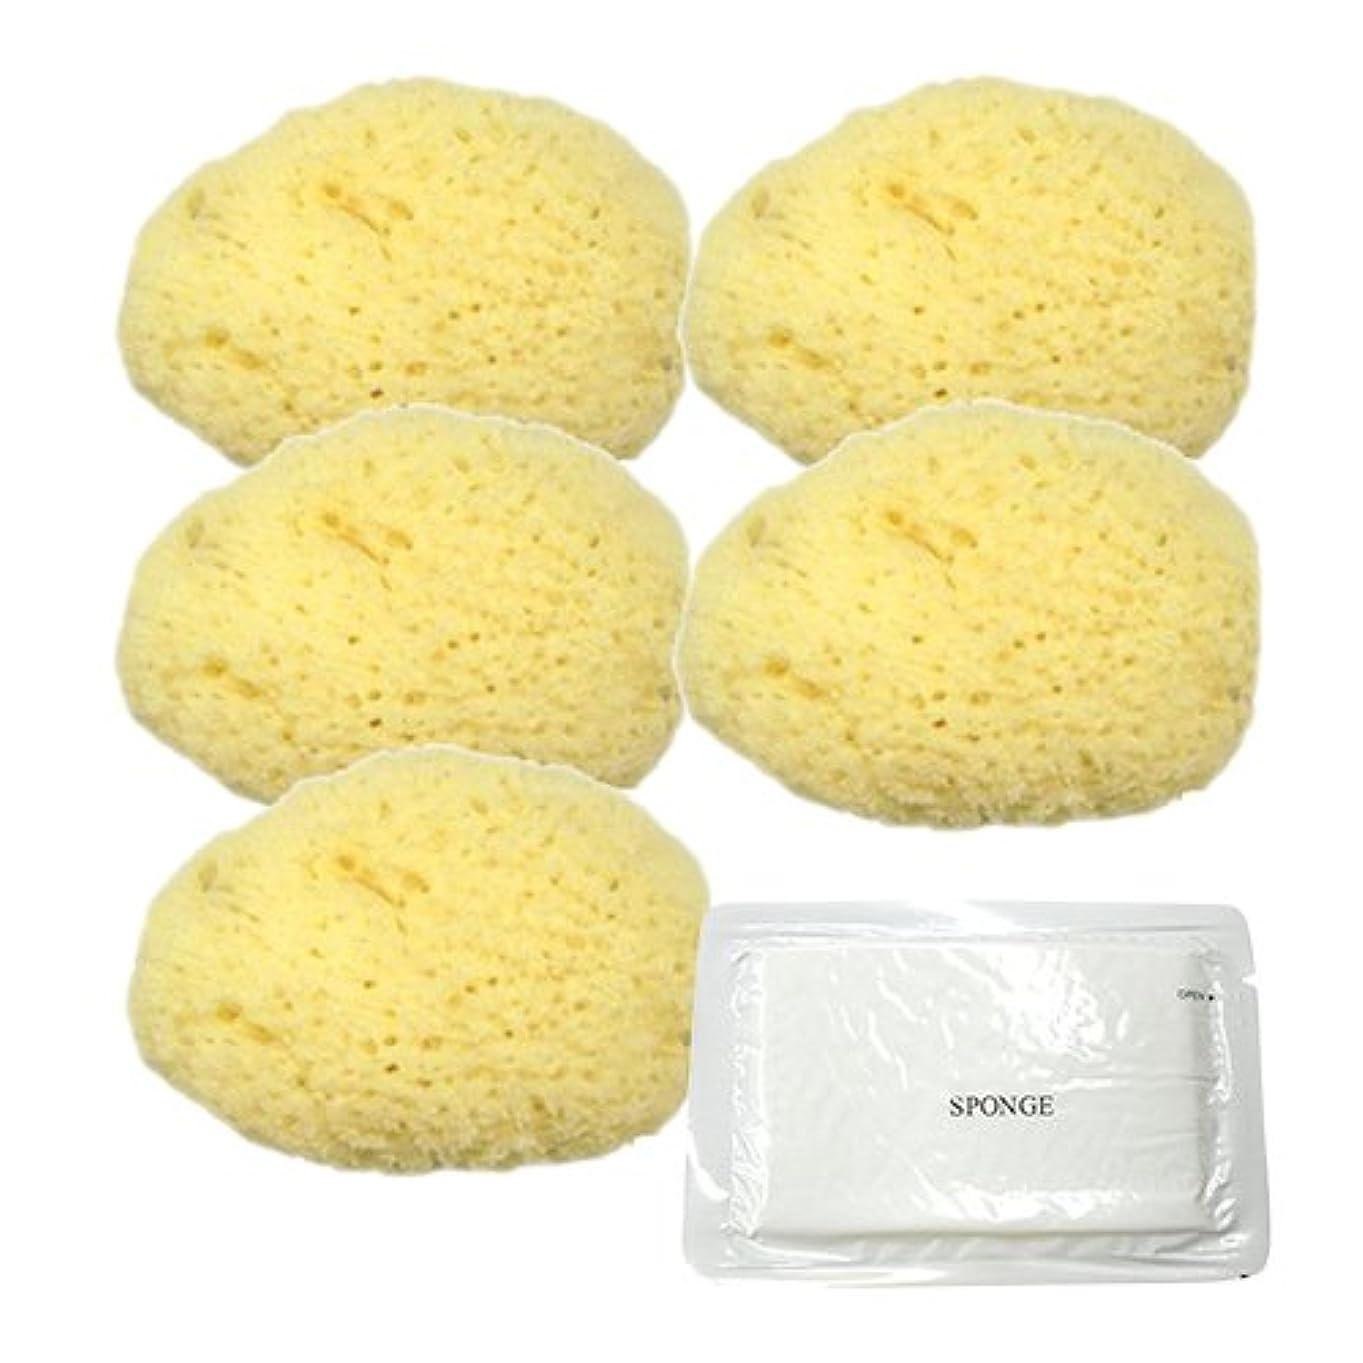 悪性のラメ不合格ユタカ 天然海綿スポンジ(フェイススポンジ) 大 × 5個 + 圧縮スポンジセット